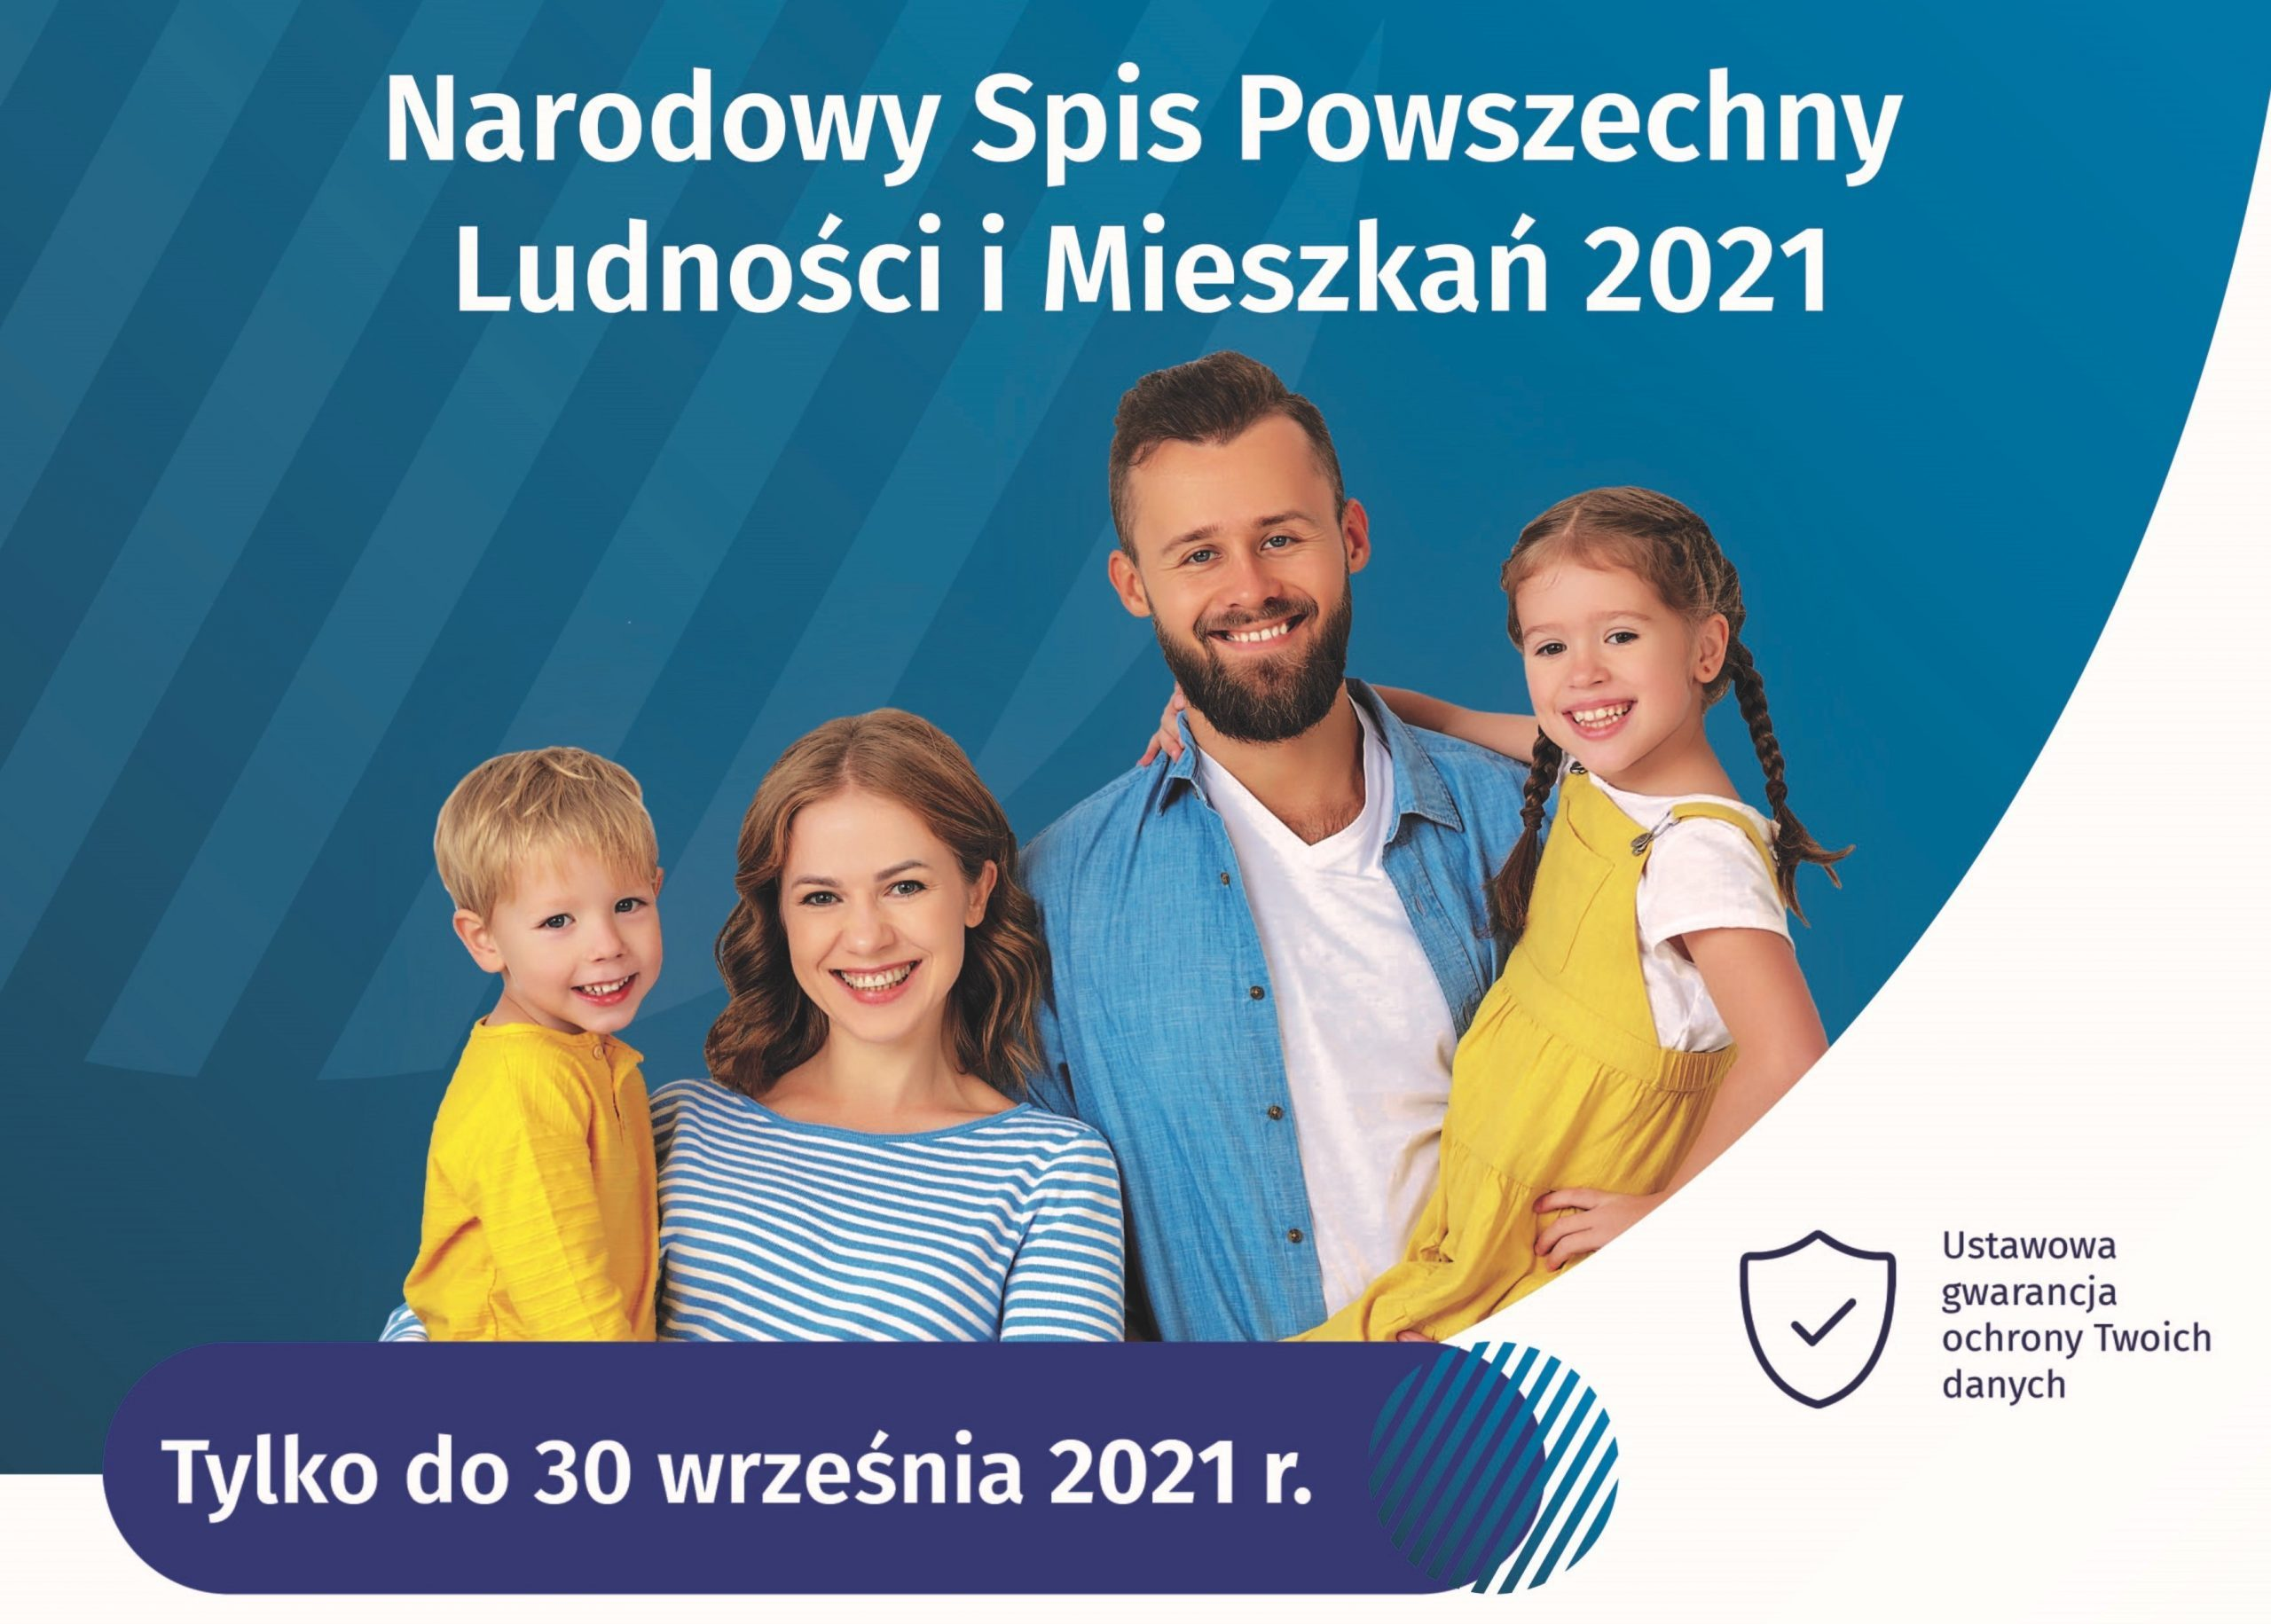 PlakatA3_NSP2021 z kara